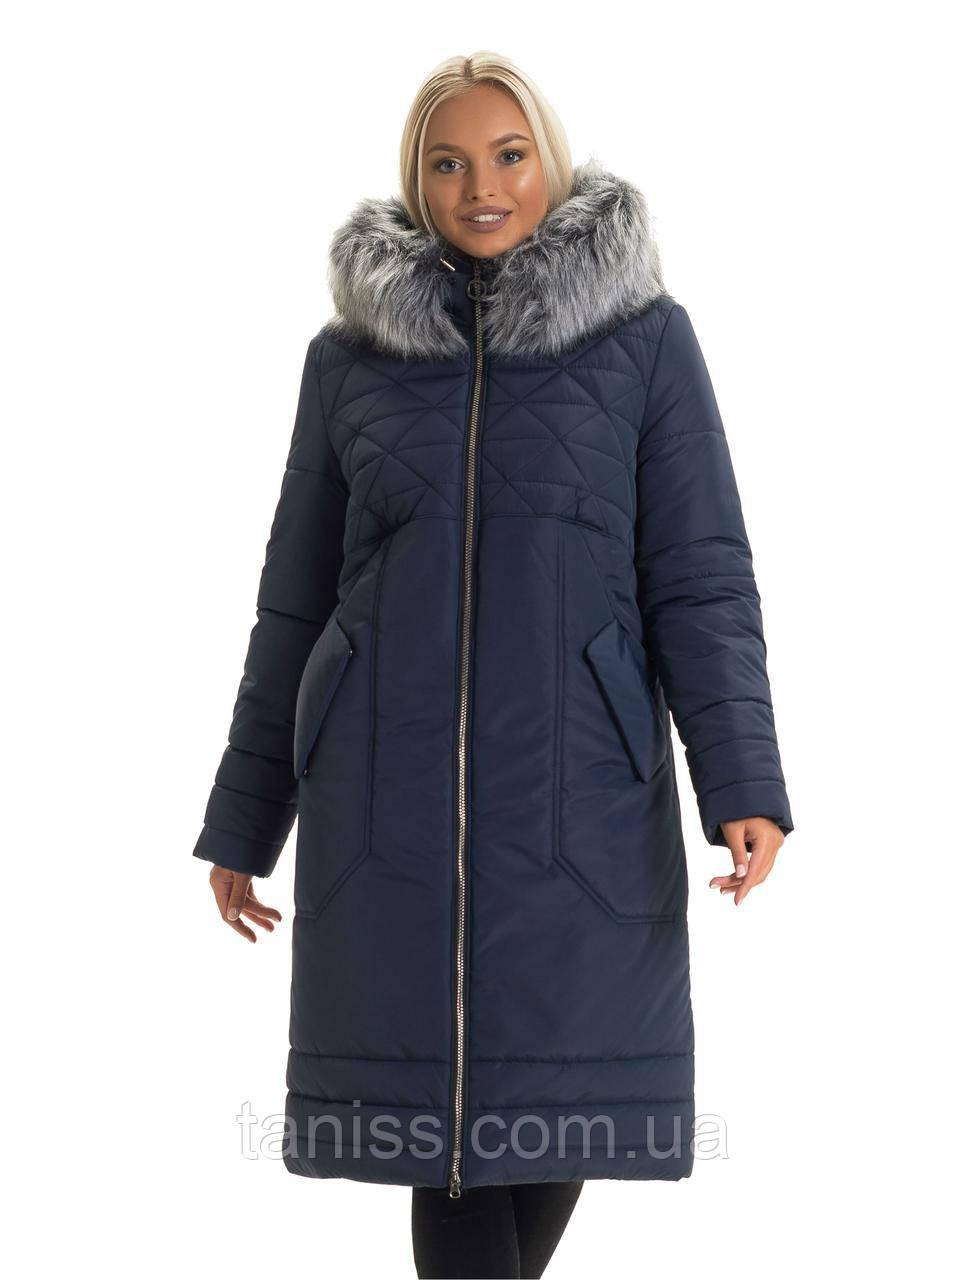 Зимовий жіночий пуховик великого розміру,хутро штучне ,капюшон вшитий.розміри 44-56,синій(130)хутро